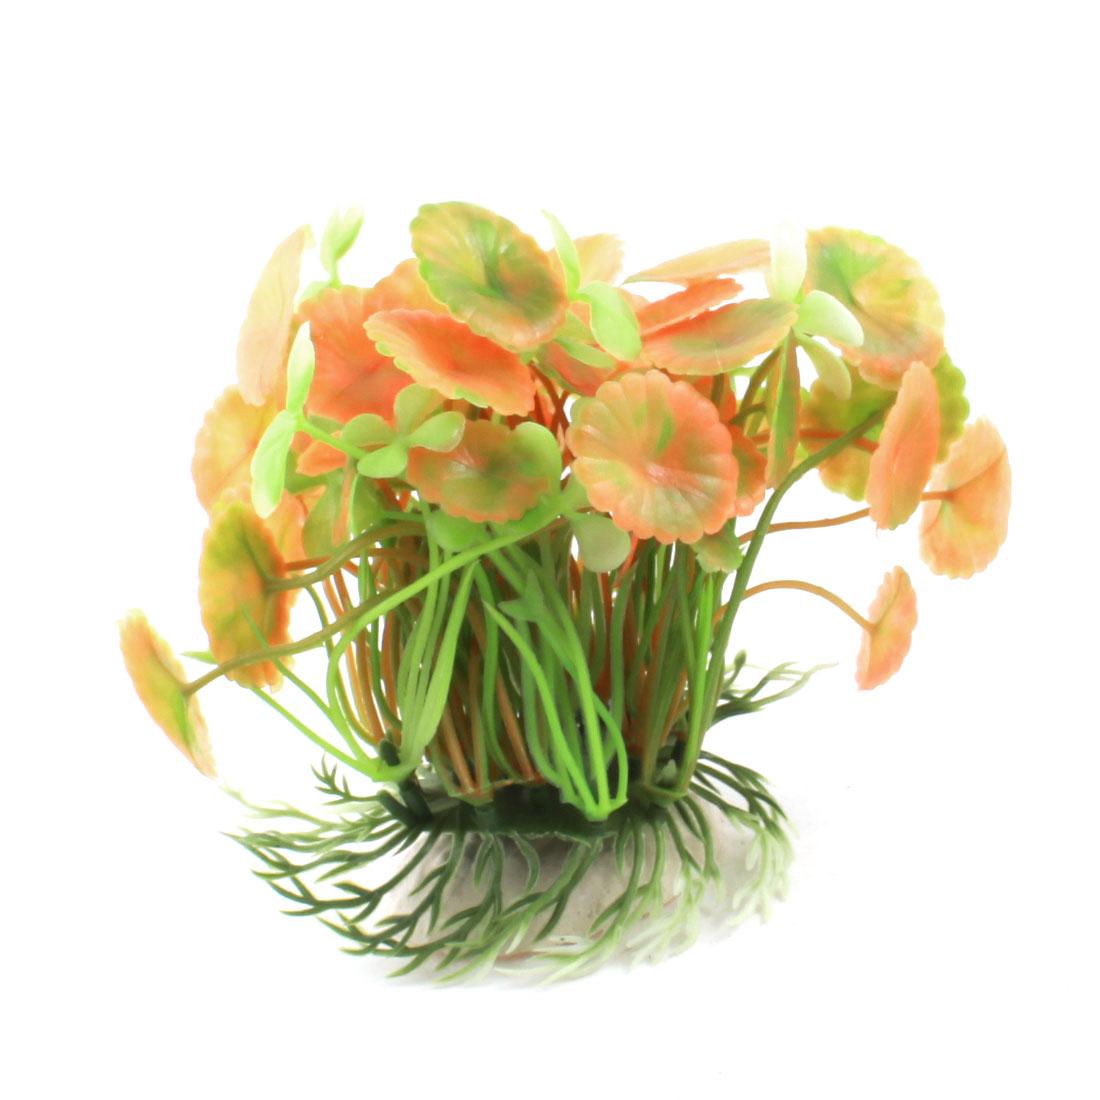 """Fish Tank Aquarium Orange Green Plastic Manmade Underwater Plants Grasses Ornament 4.7"""" Height - image 2 de 2"""